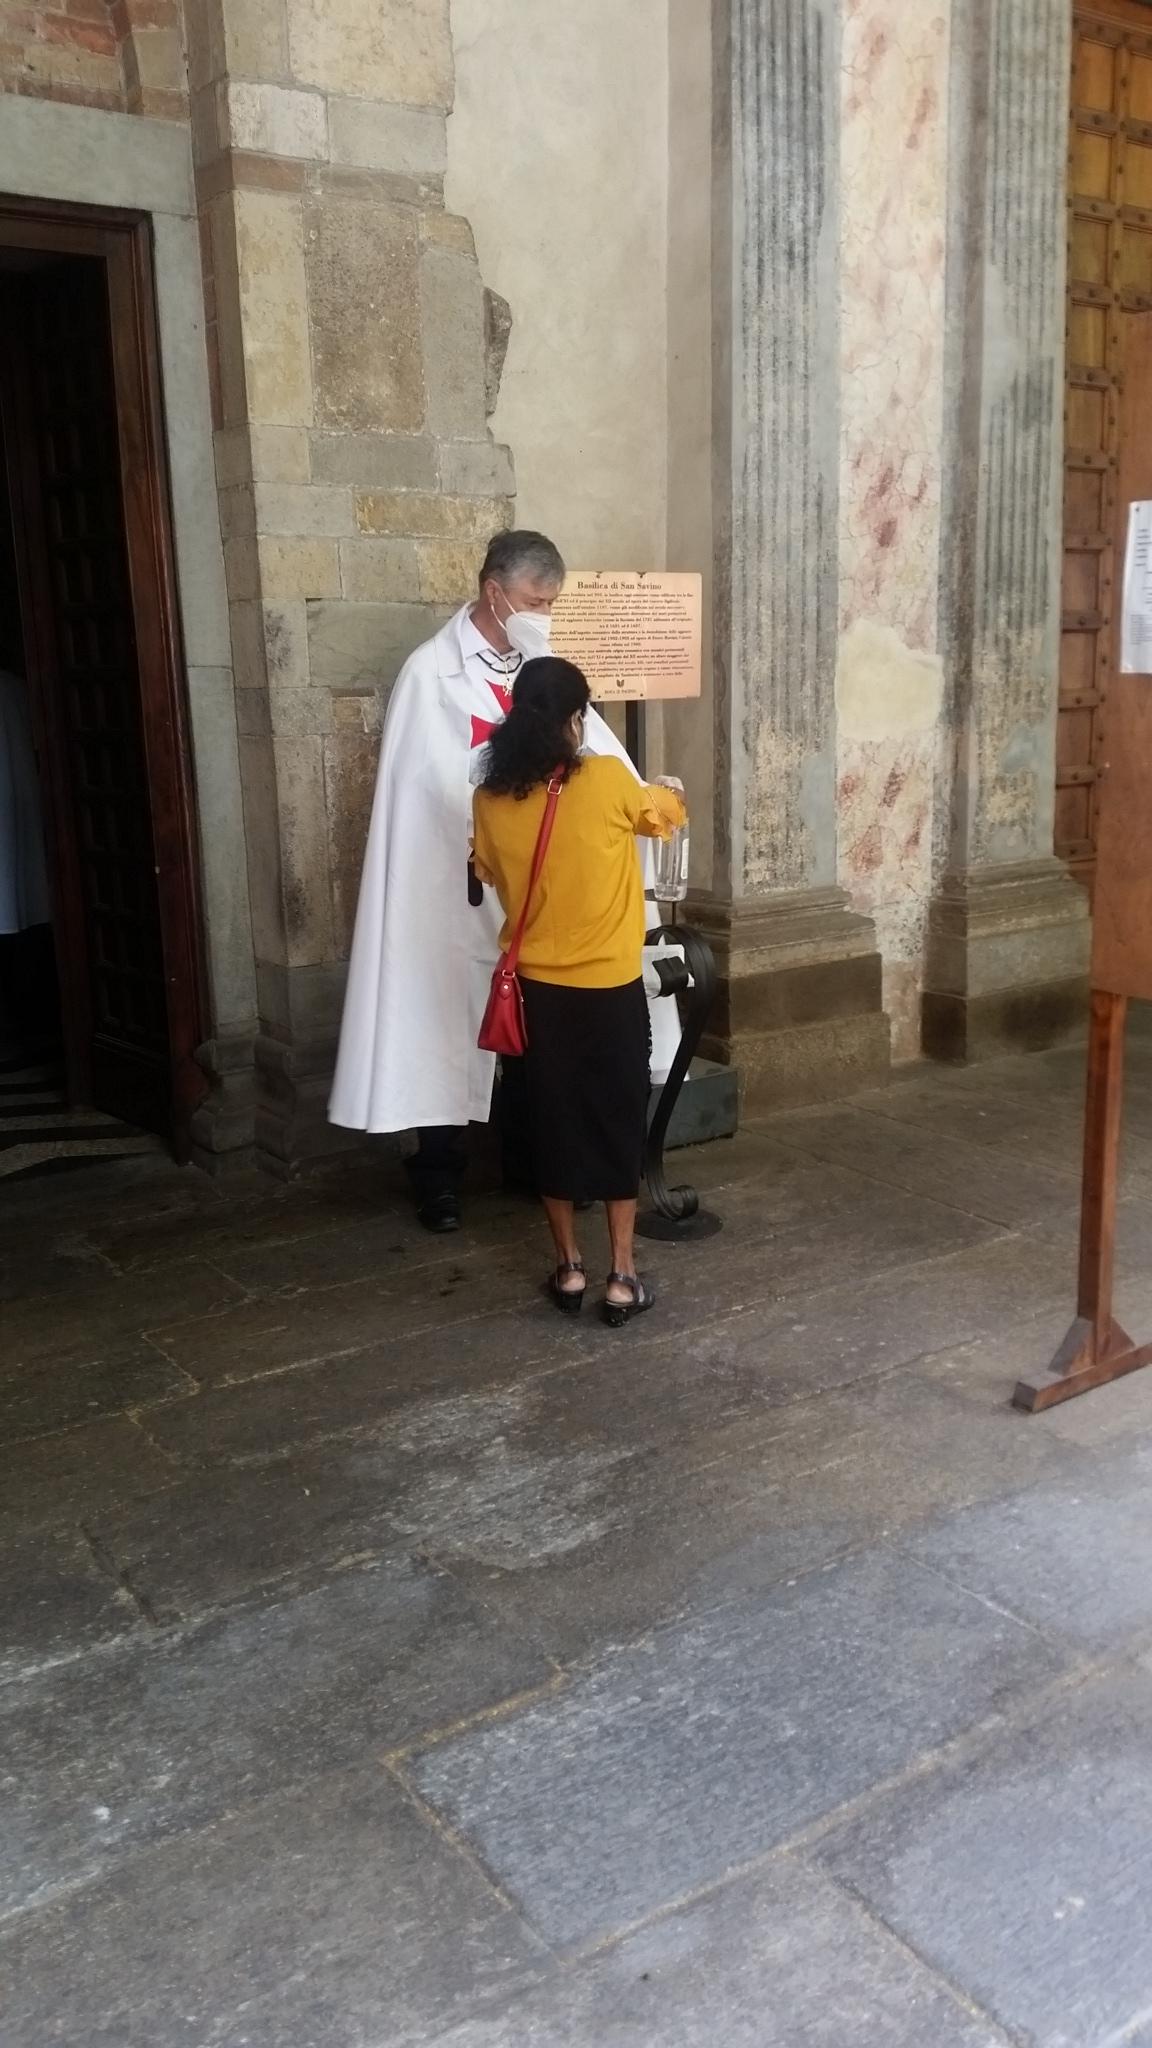 Custodia chiesa di S. Savino (PC) giugno 2020